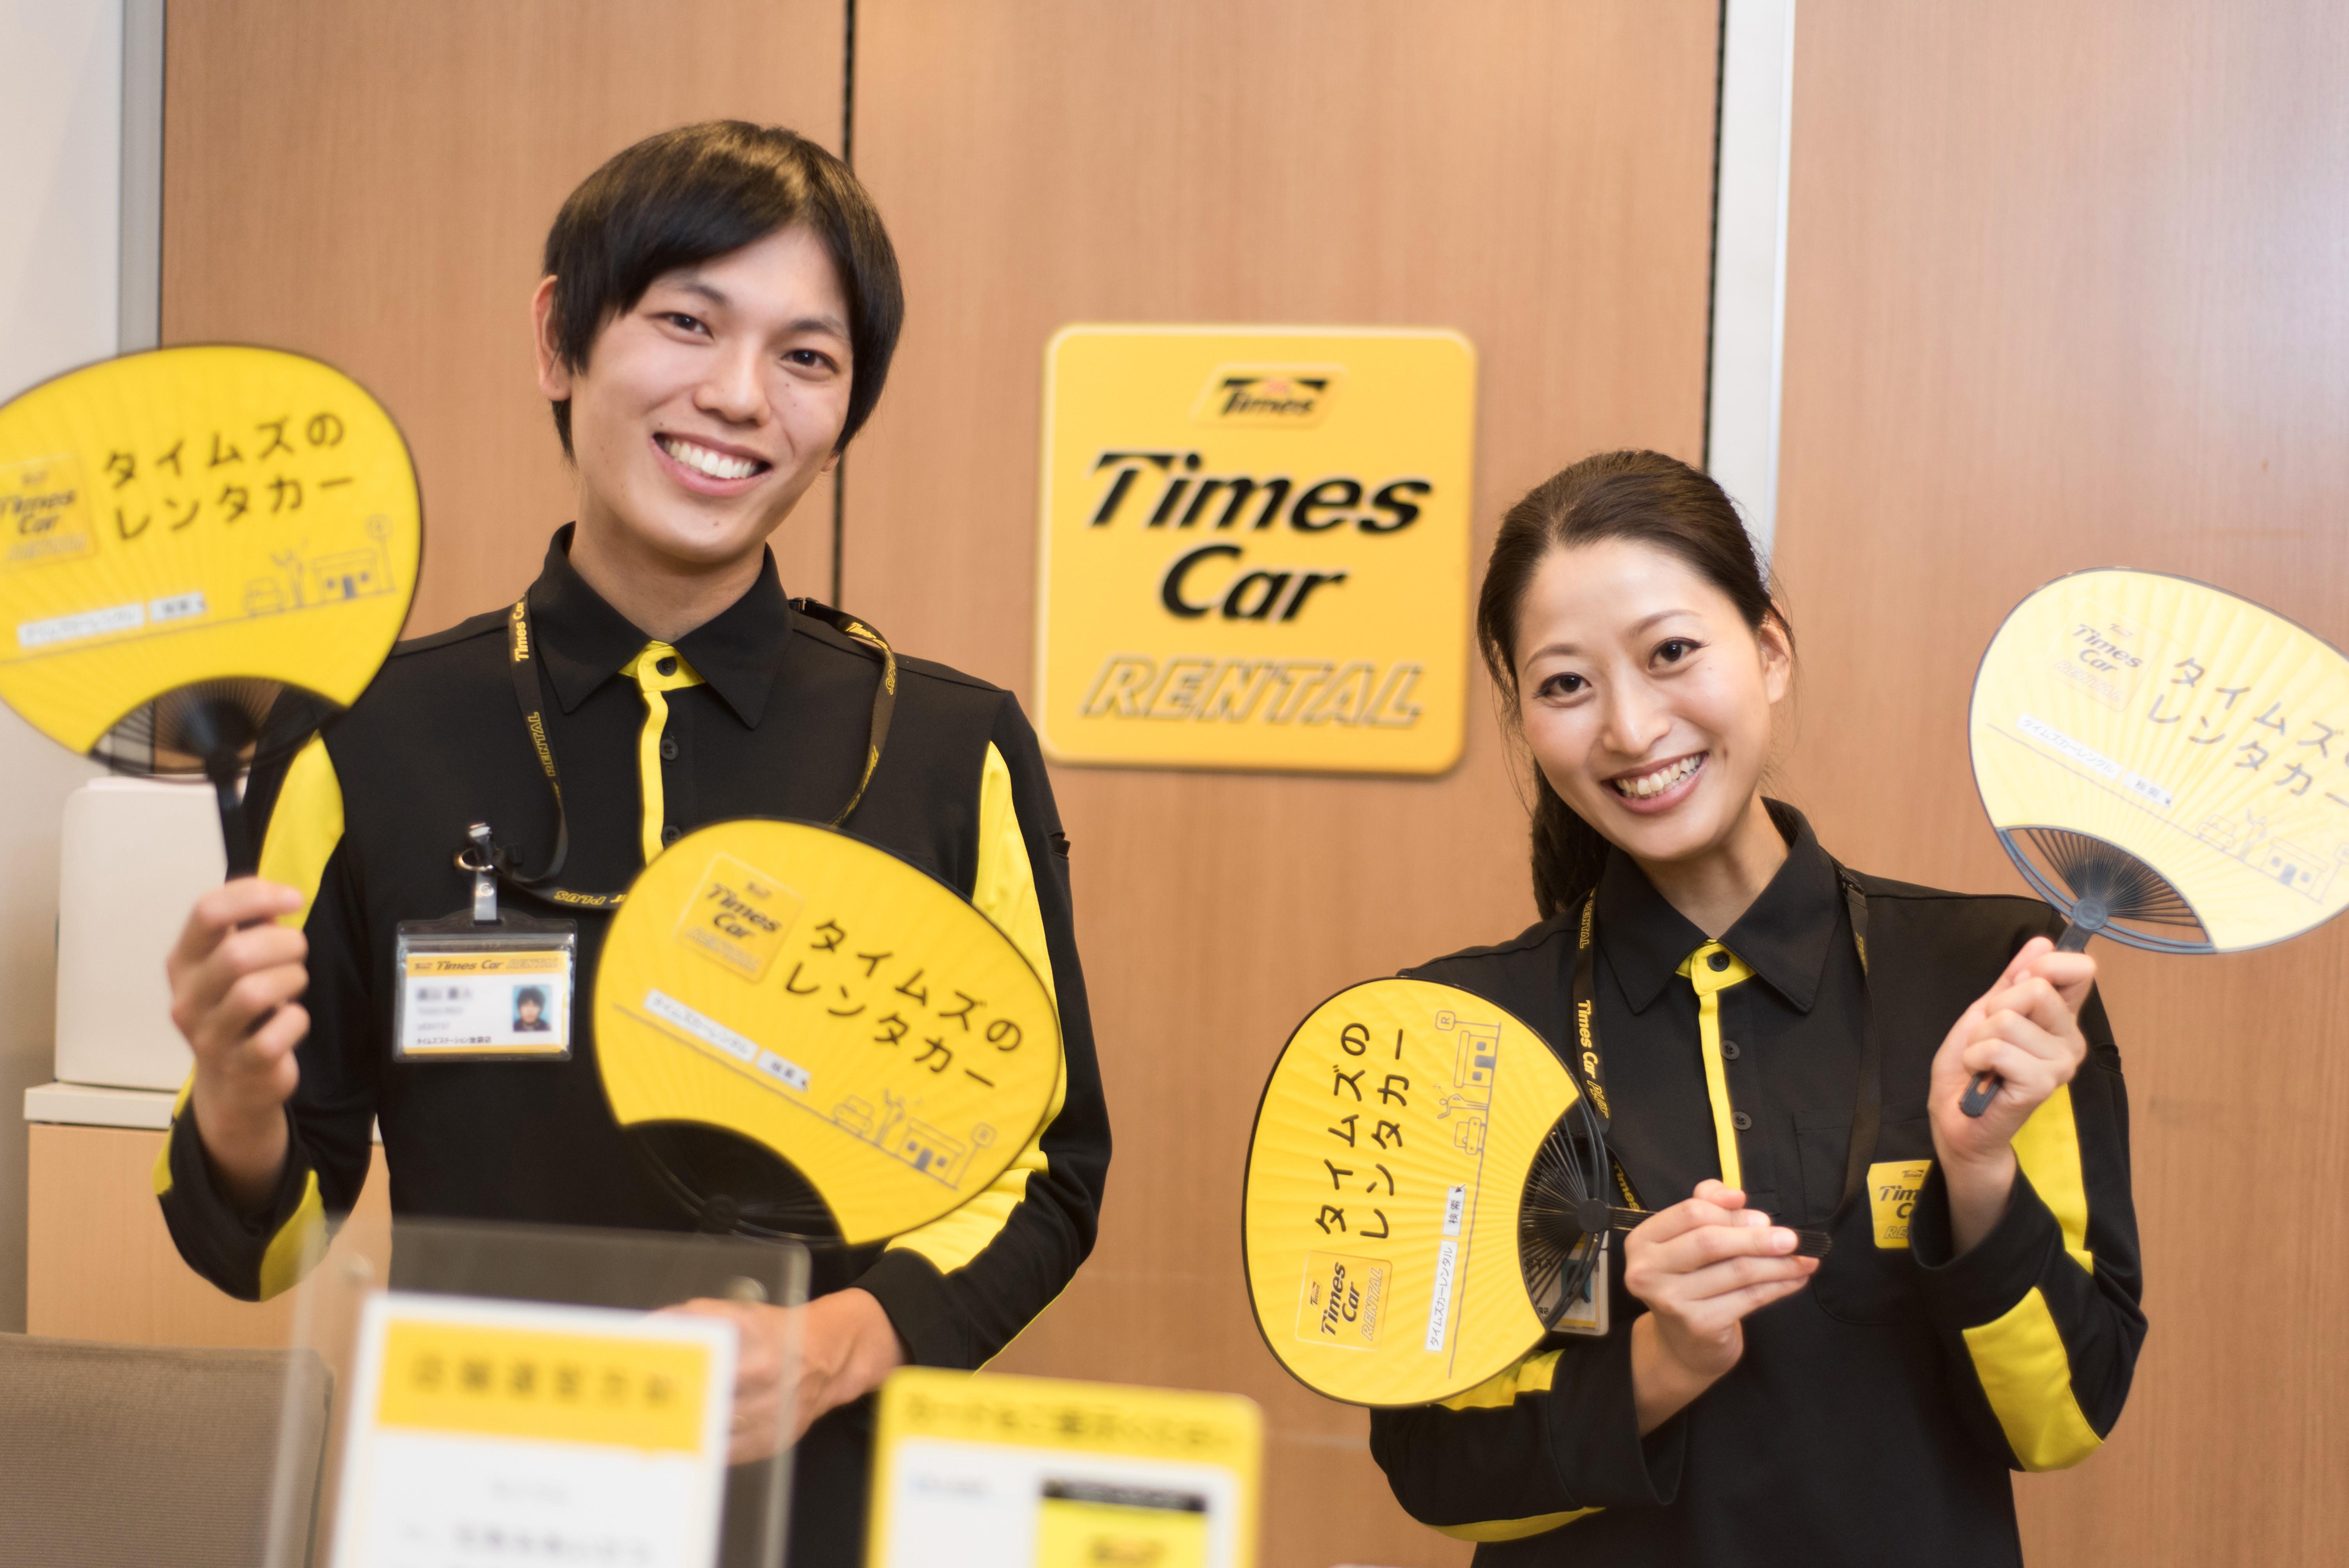 タイムズカーレンタル 大阪空港北店 のアルバイト情報